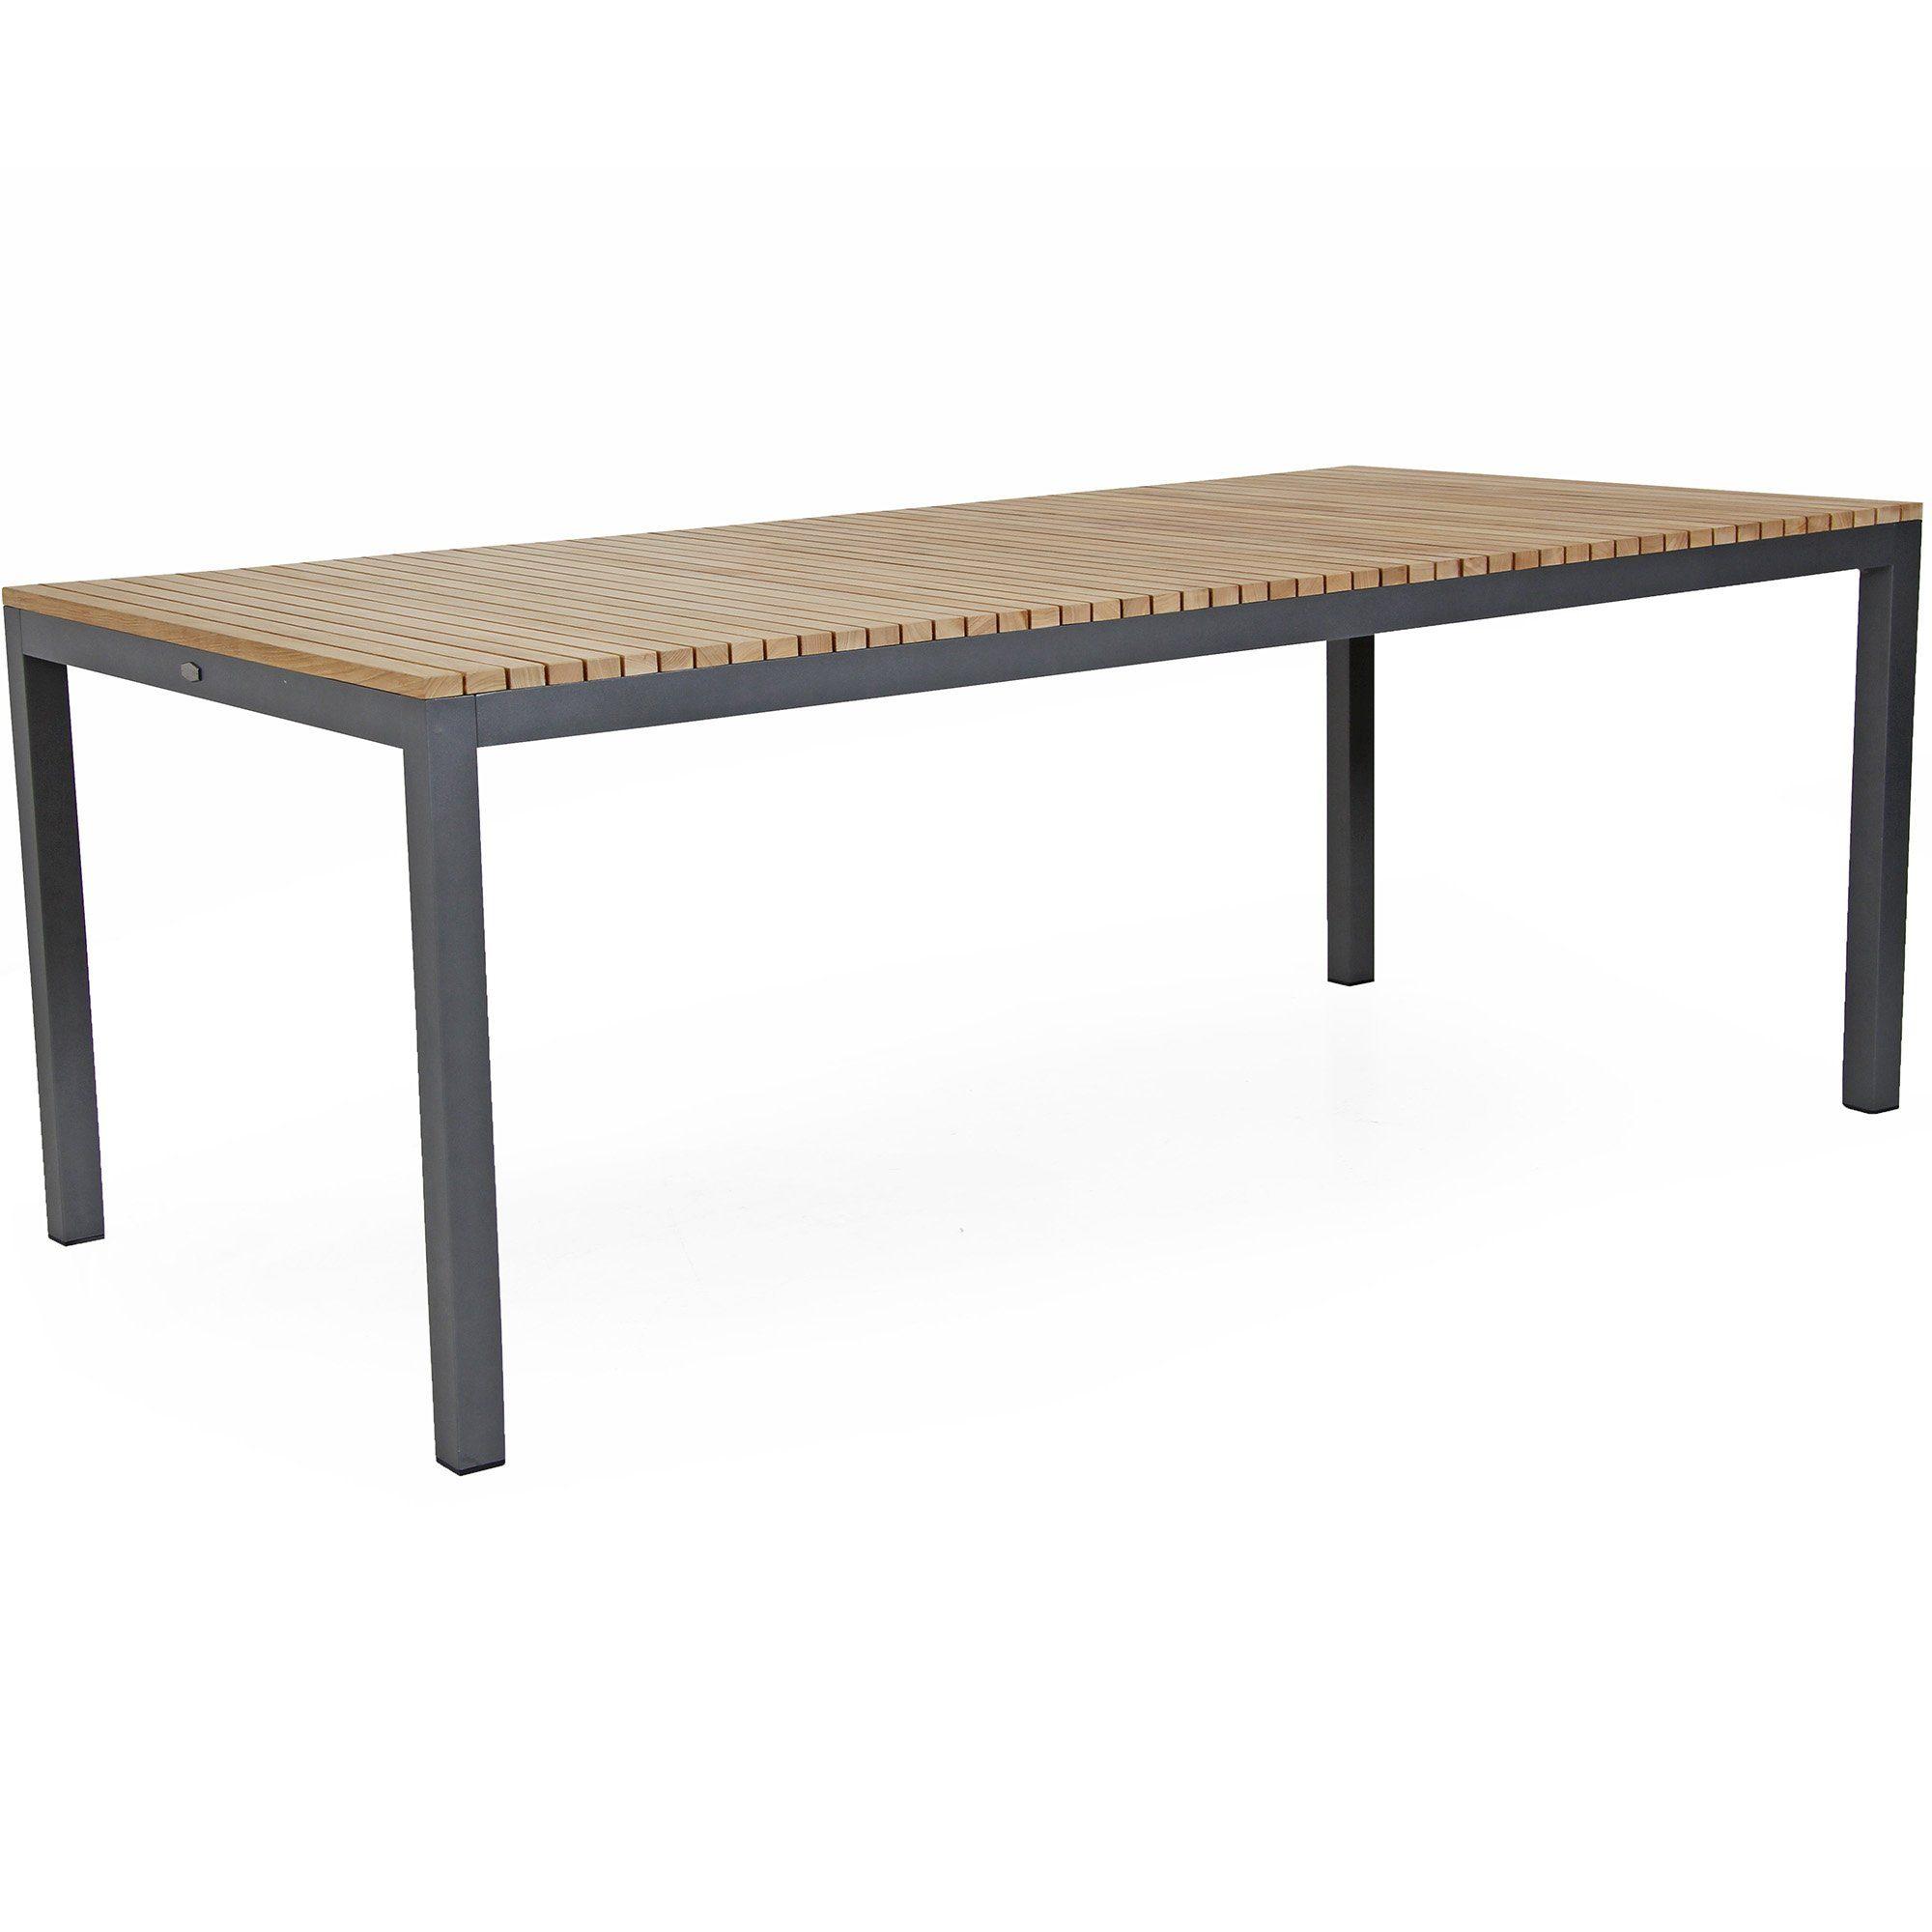 Zalongo matbord från Brafab i teak och aluminium.